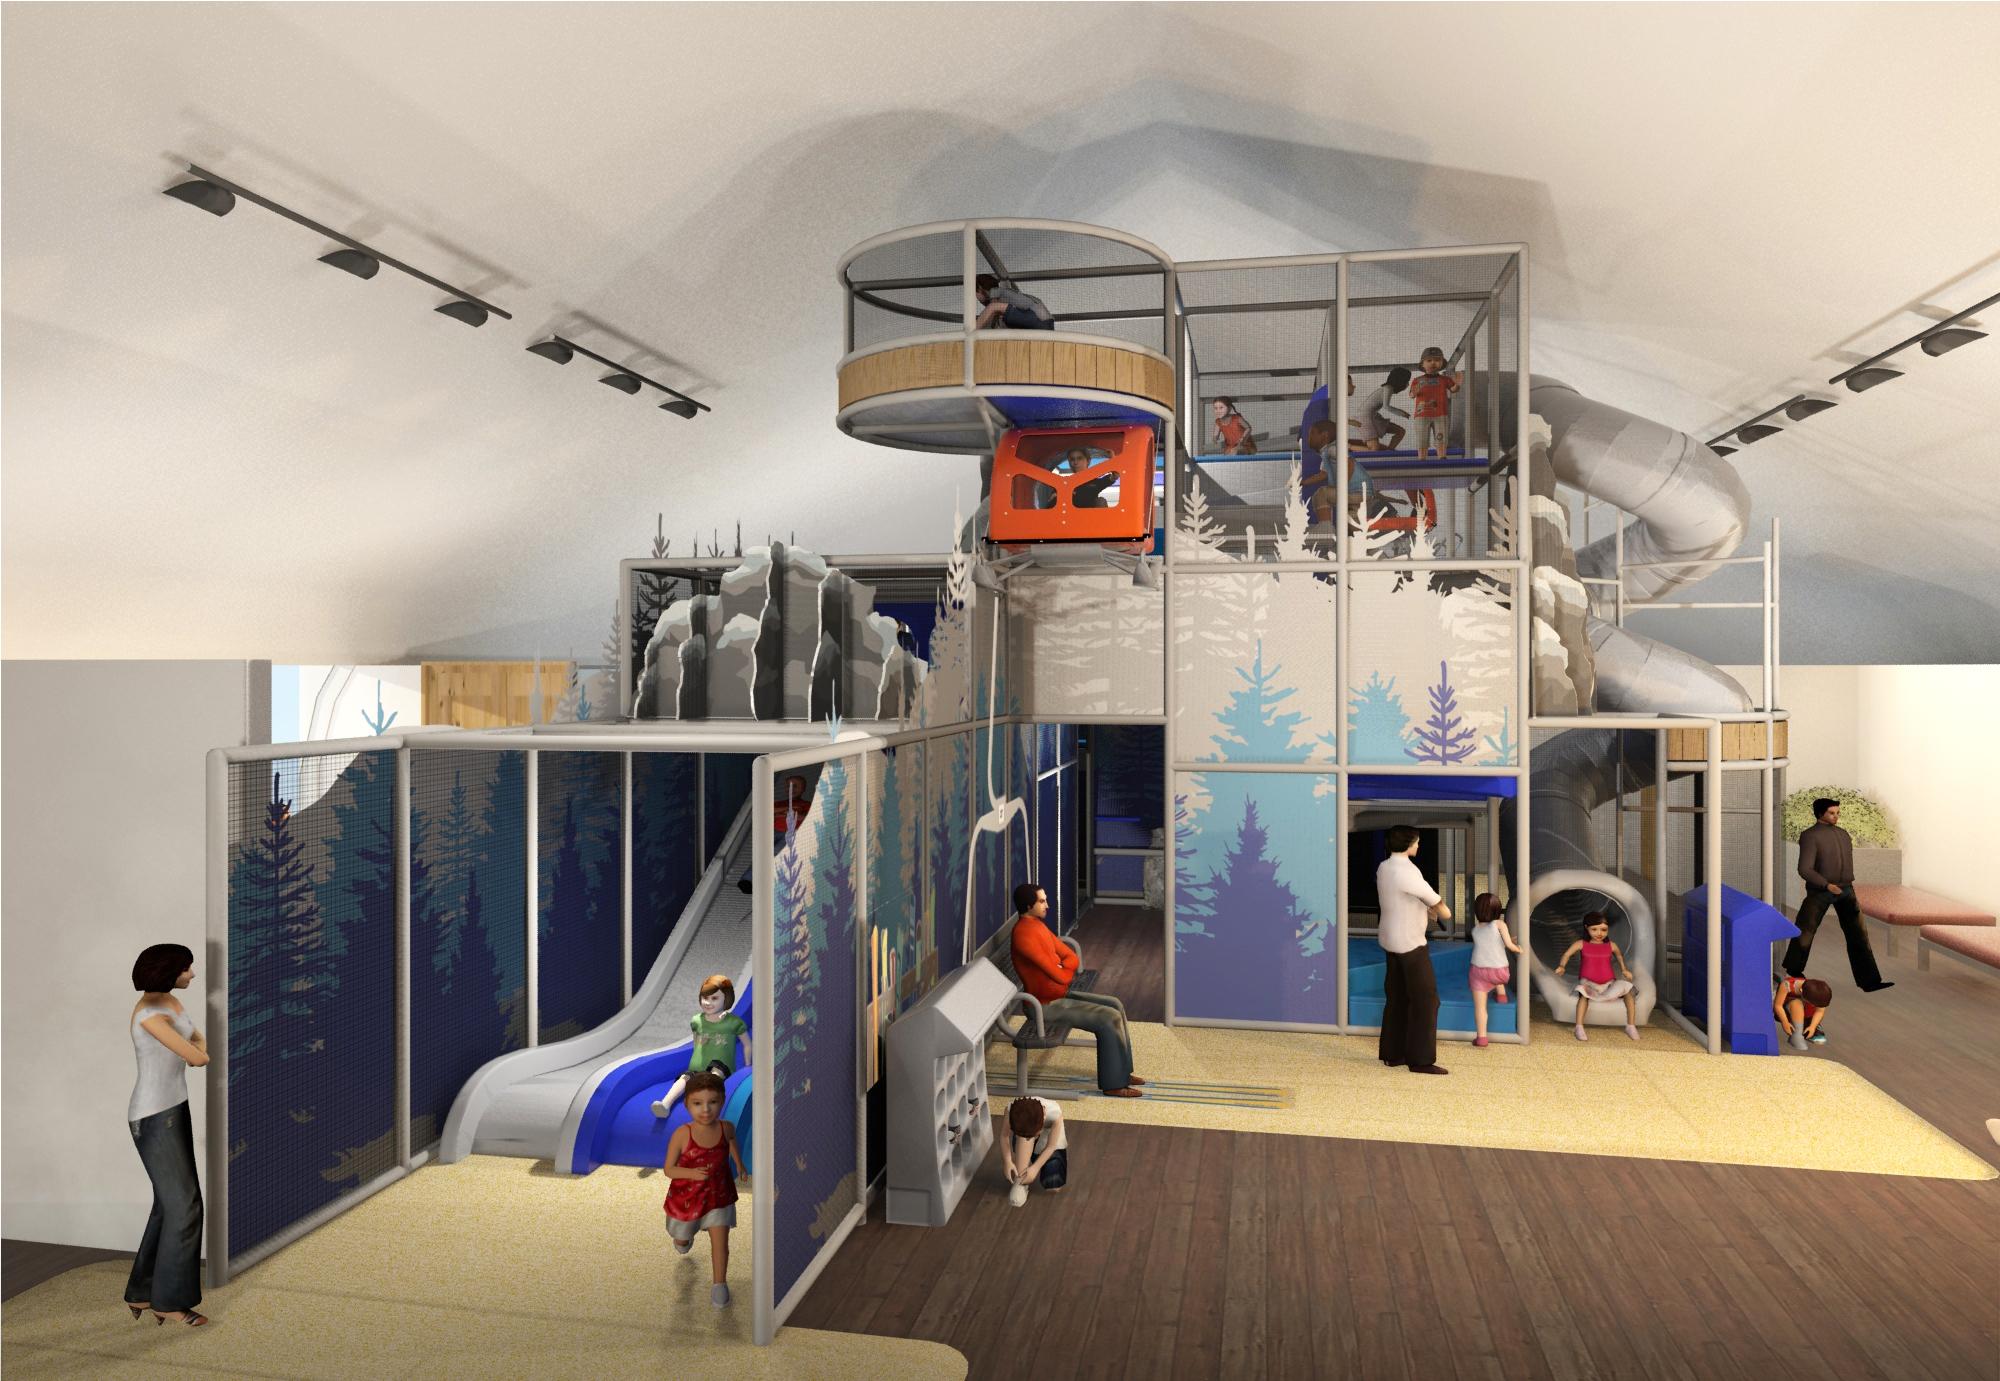 Ski resort play area ideas